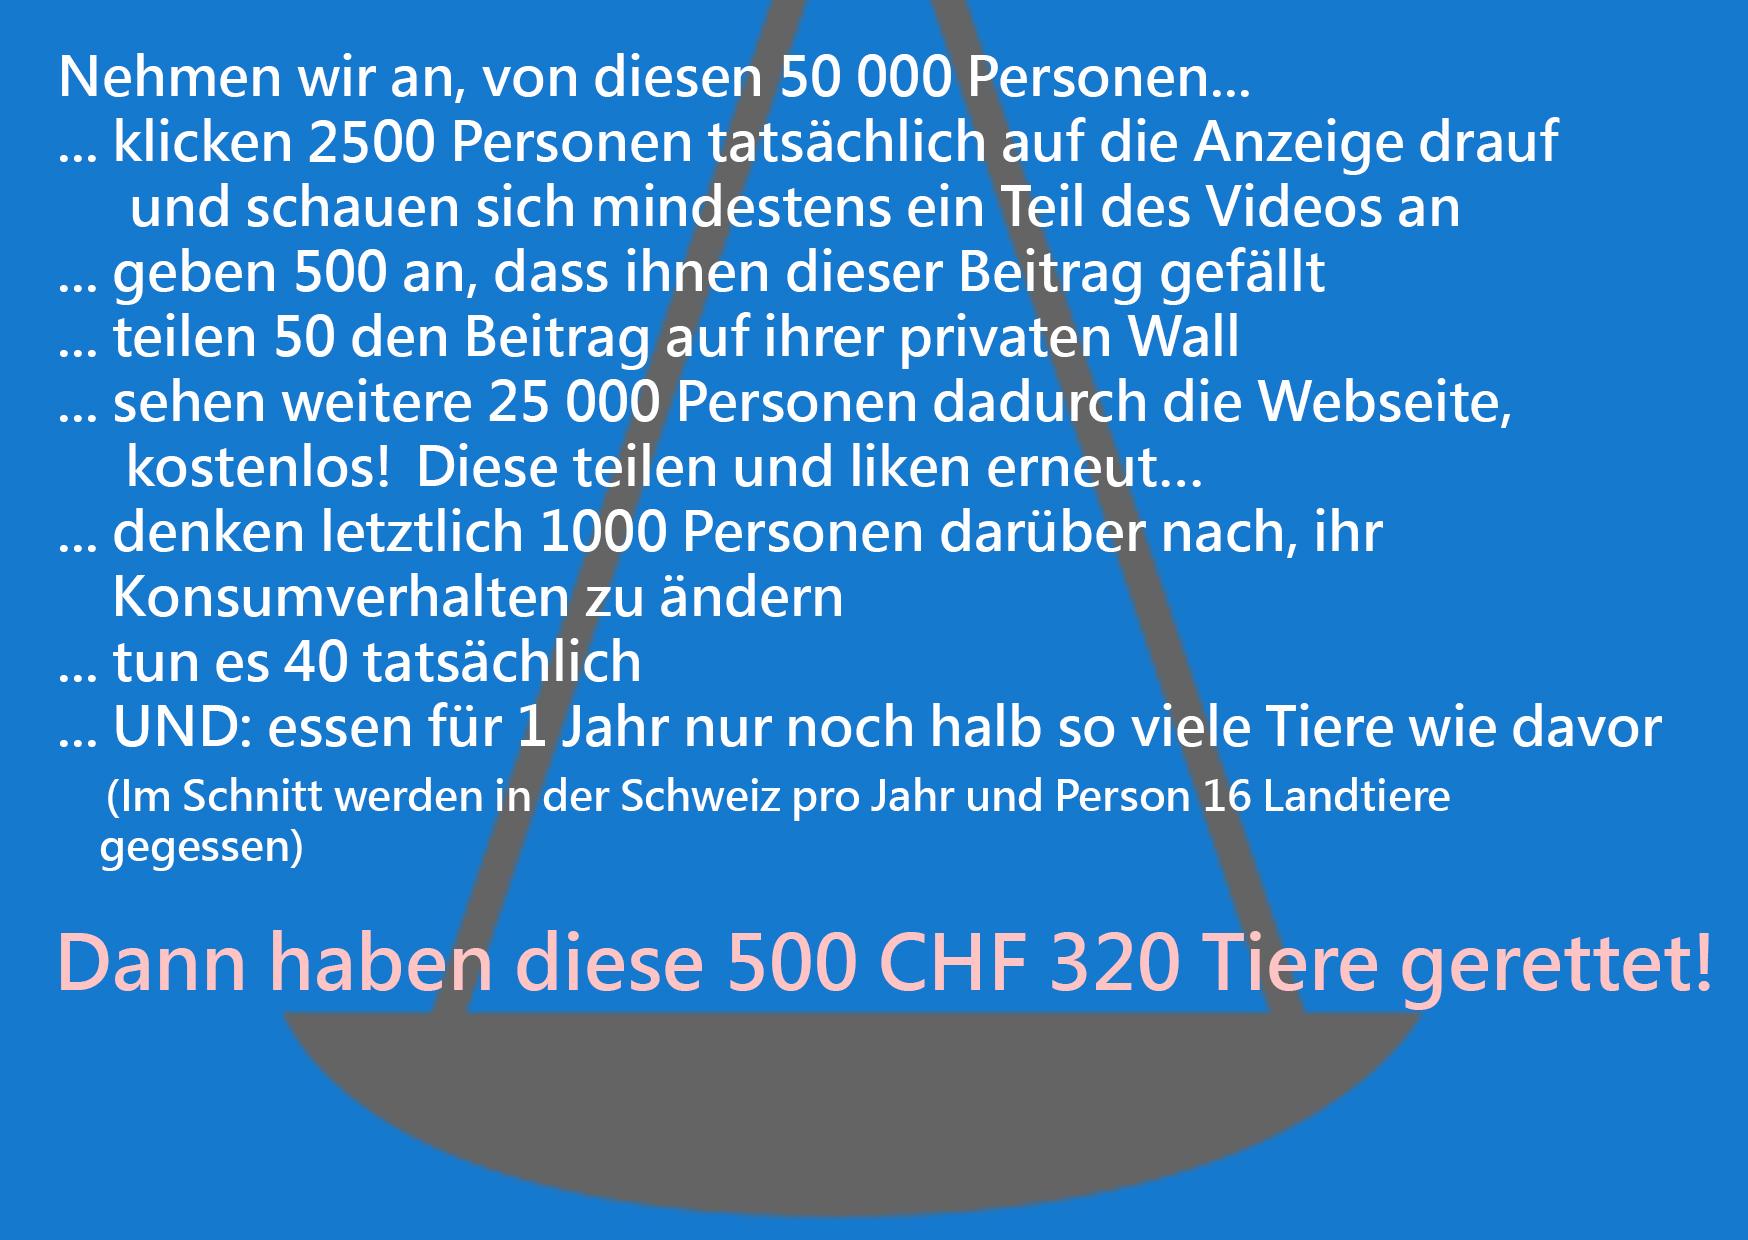 Spenden Nudging 500 Franken Seite Bb